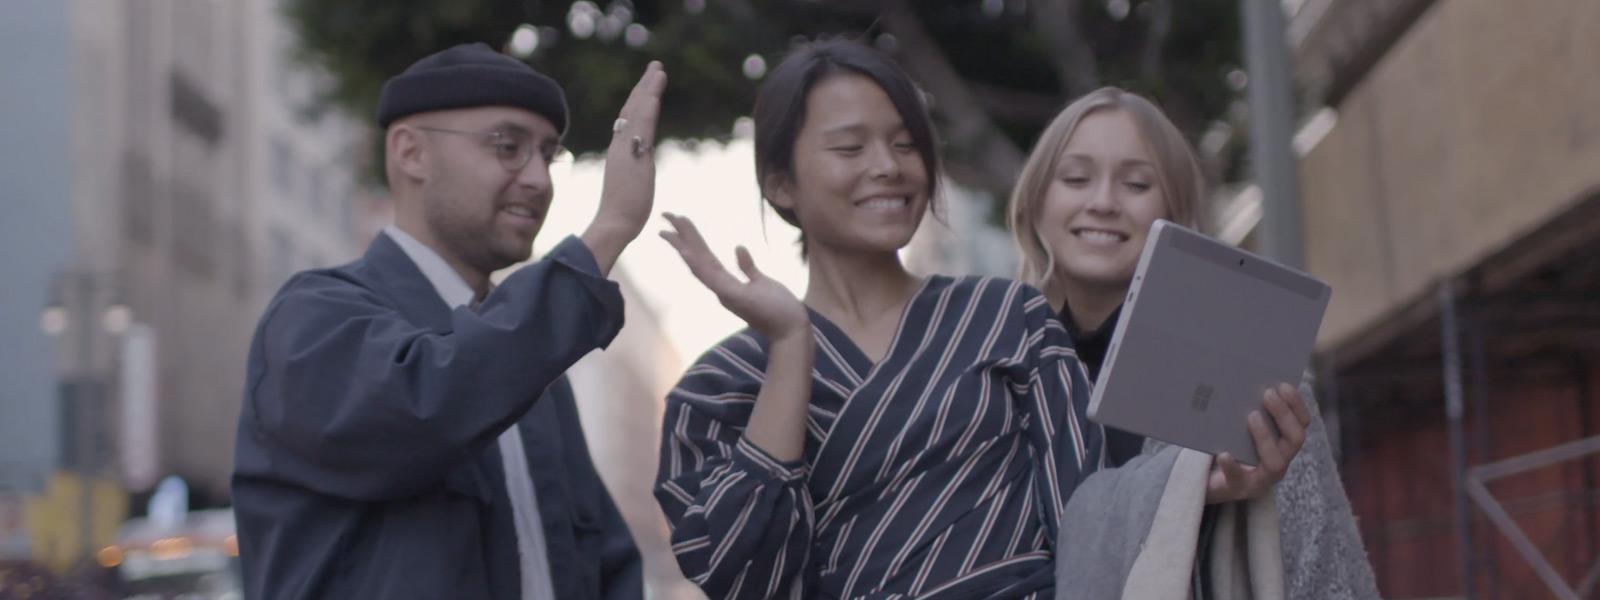 三人使用 Surface Go 视频聊天